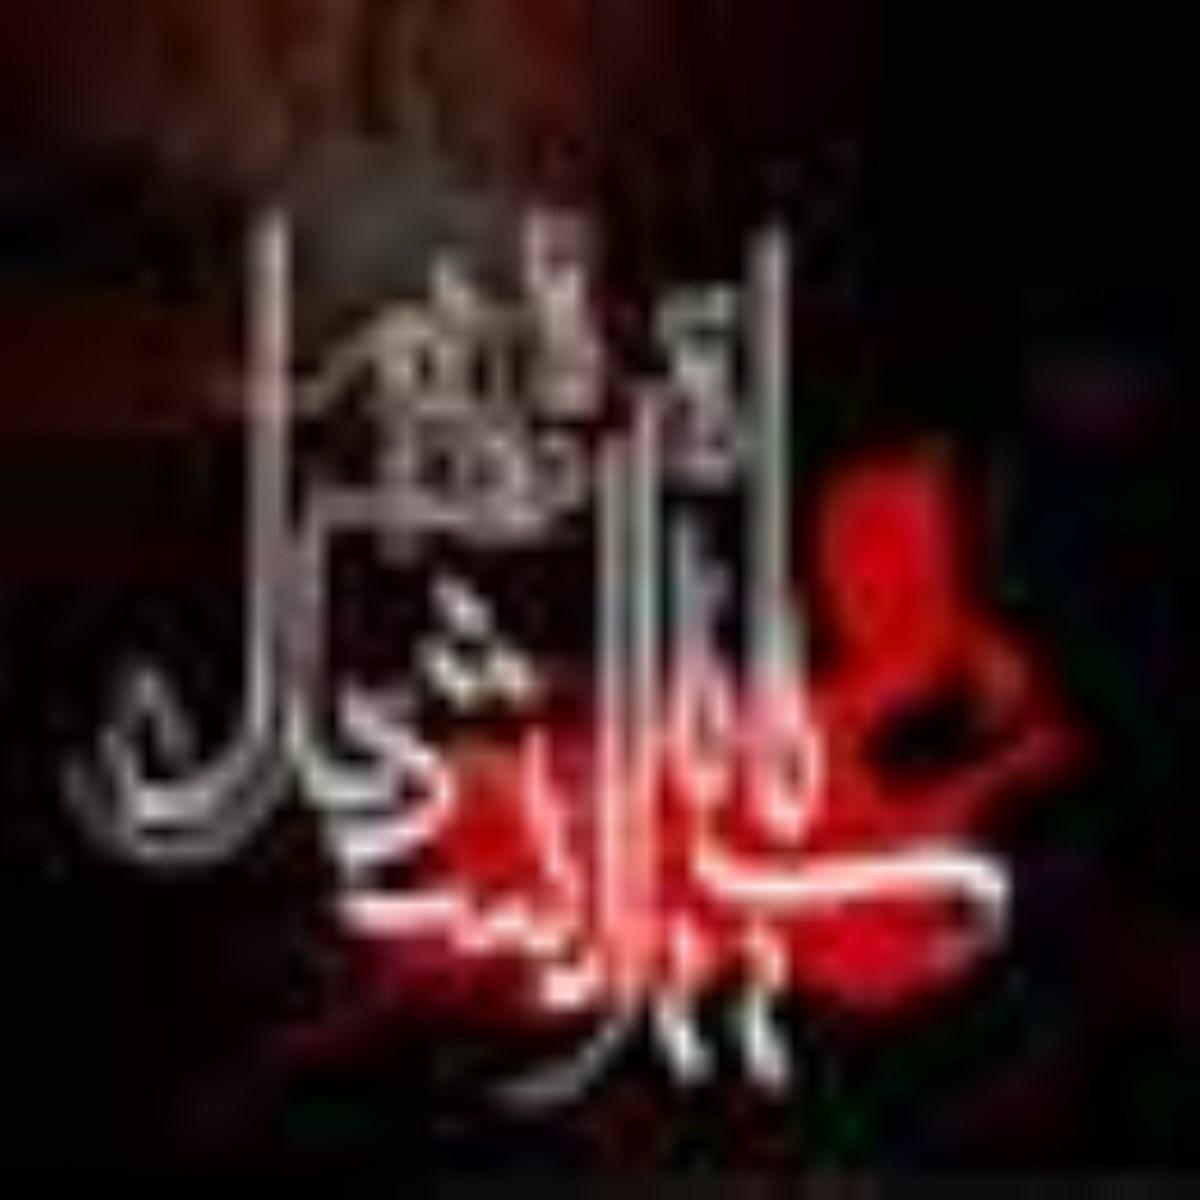 جایگاه والای حضرت سیدالشهدا (عليه السلام)